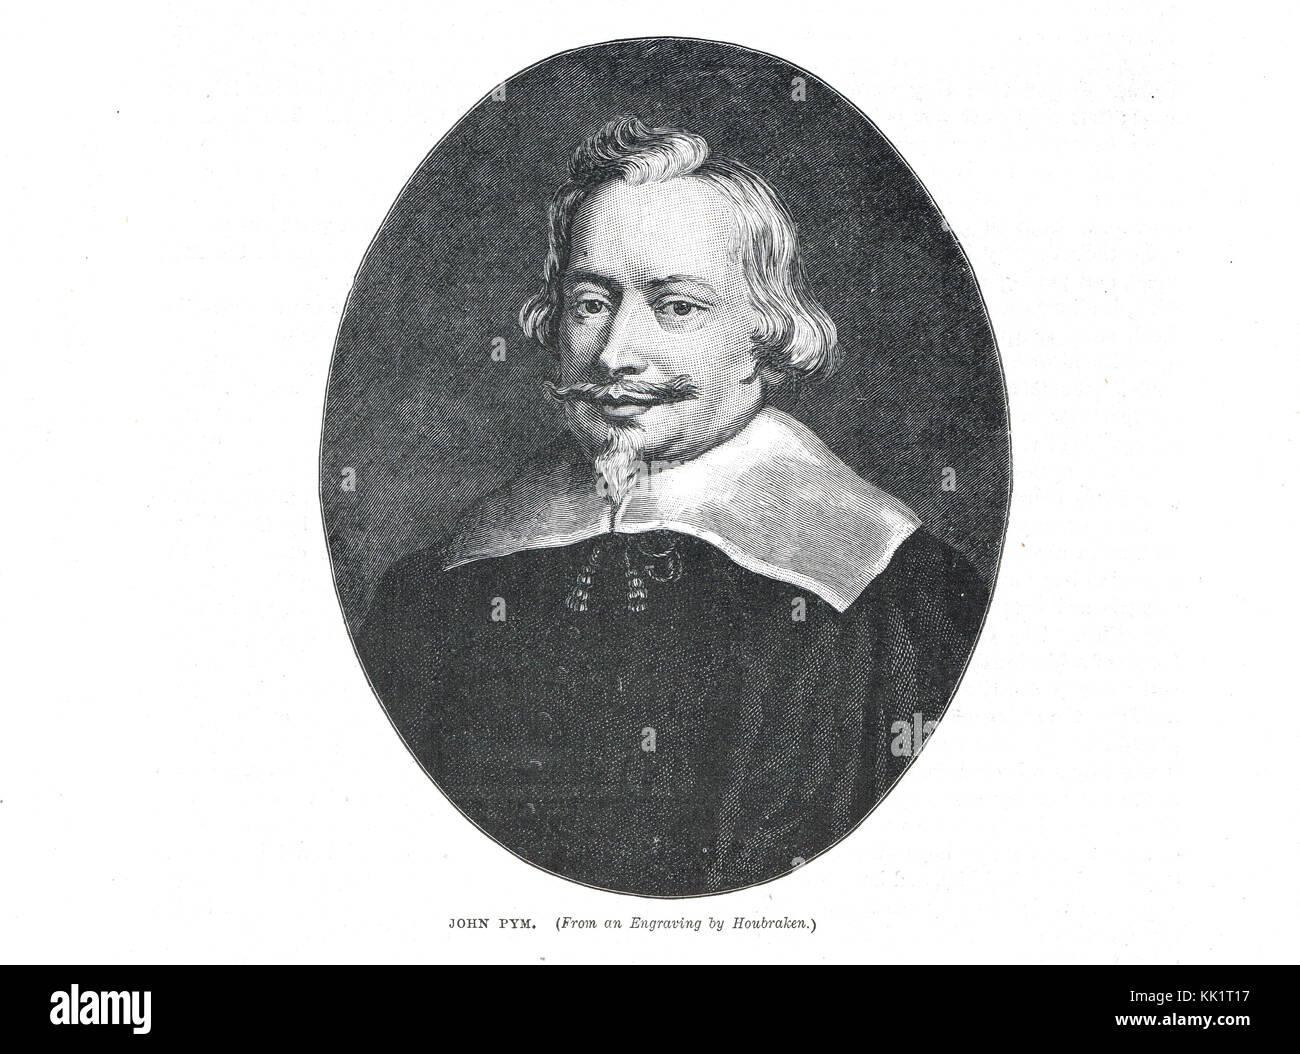 John pym, chef de l'opposition au roi, dans le long Parlement Photo Stock